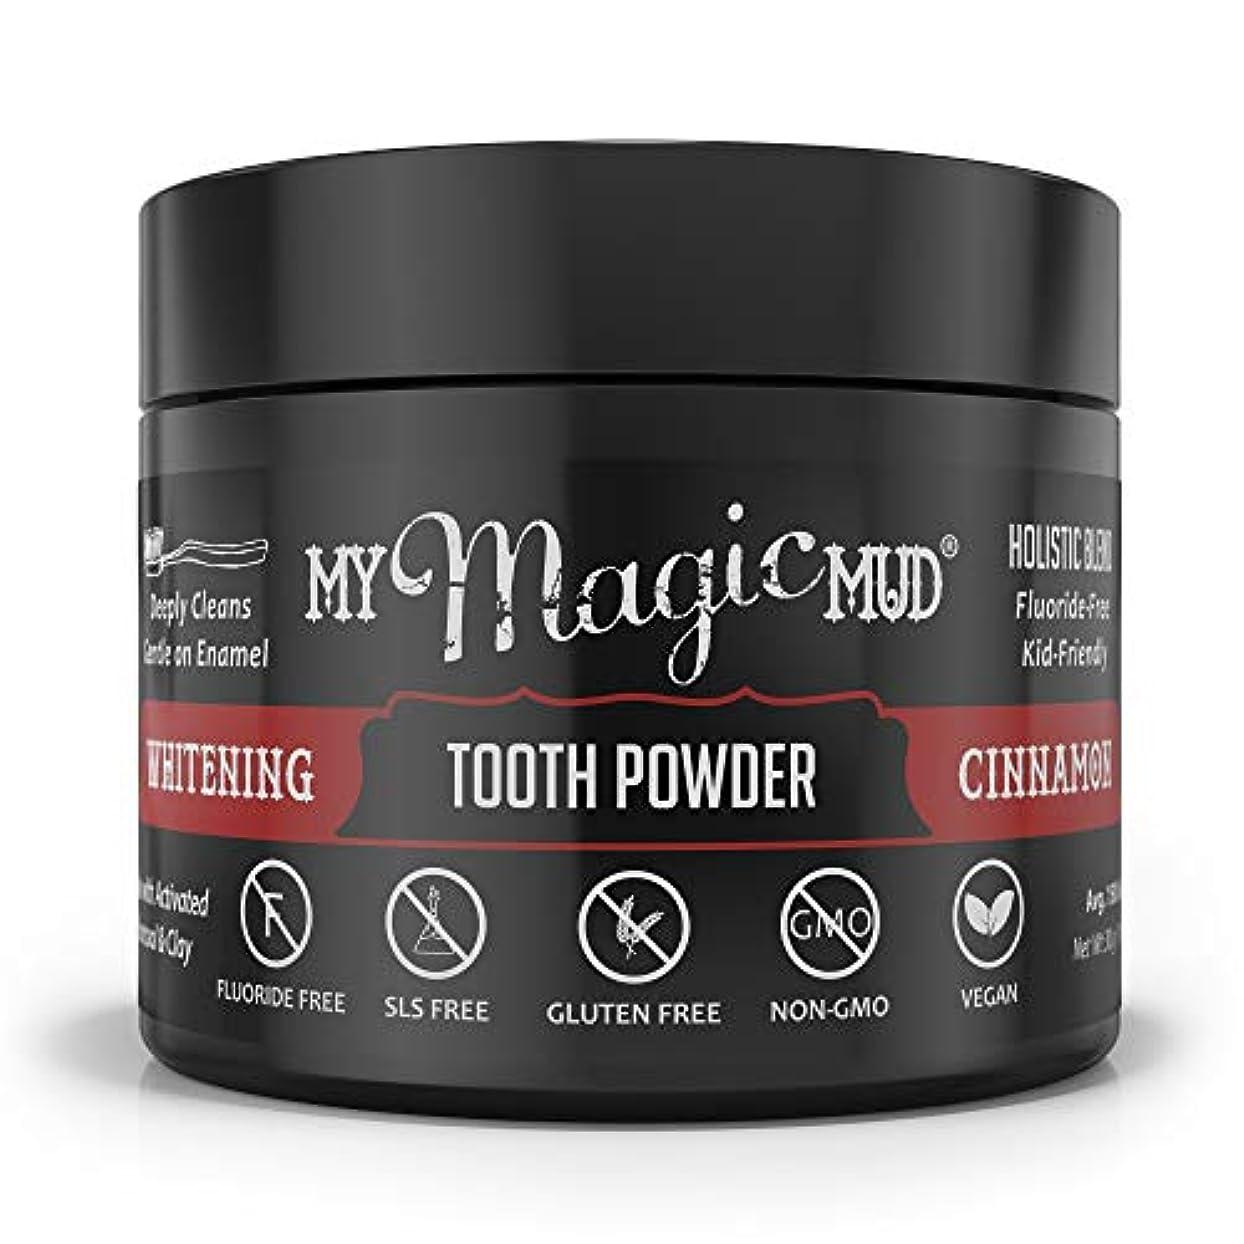 アデレード誓い熟読するMy Magic Mud Activated Charcoal Whitening Tooth Powder - Cinnamon 30g/1.06oz並行輸入品